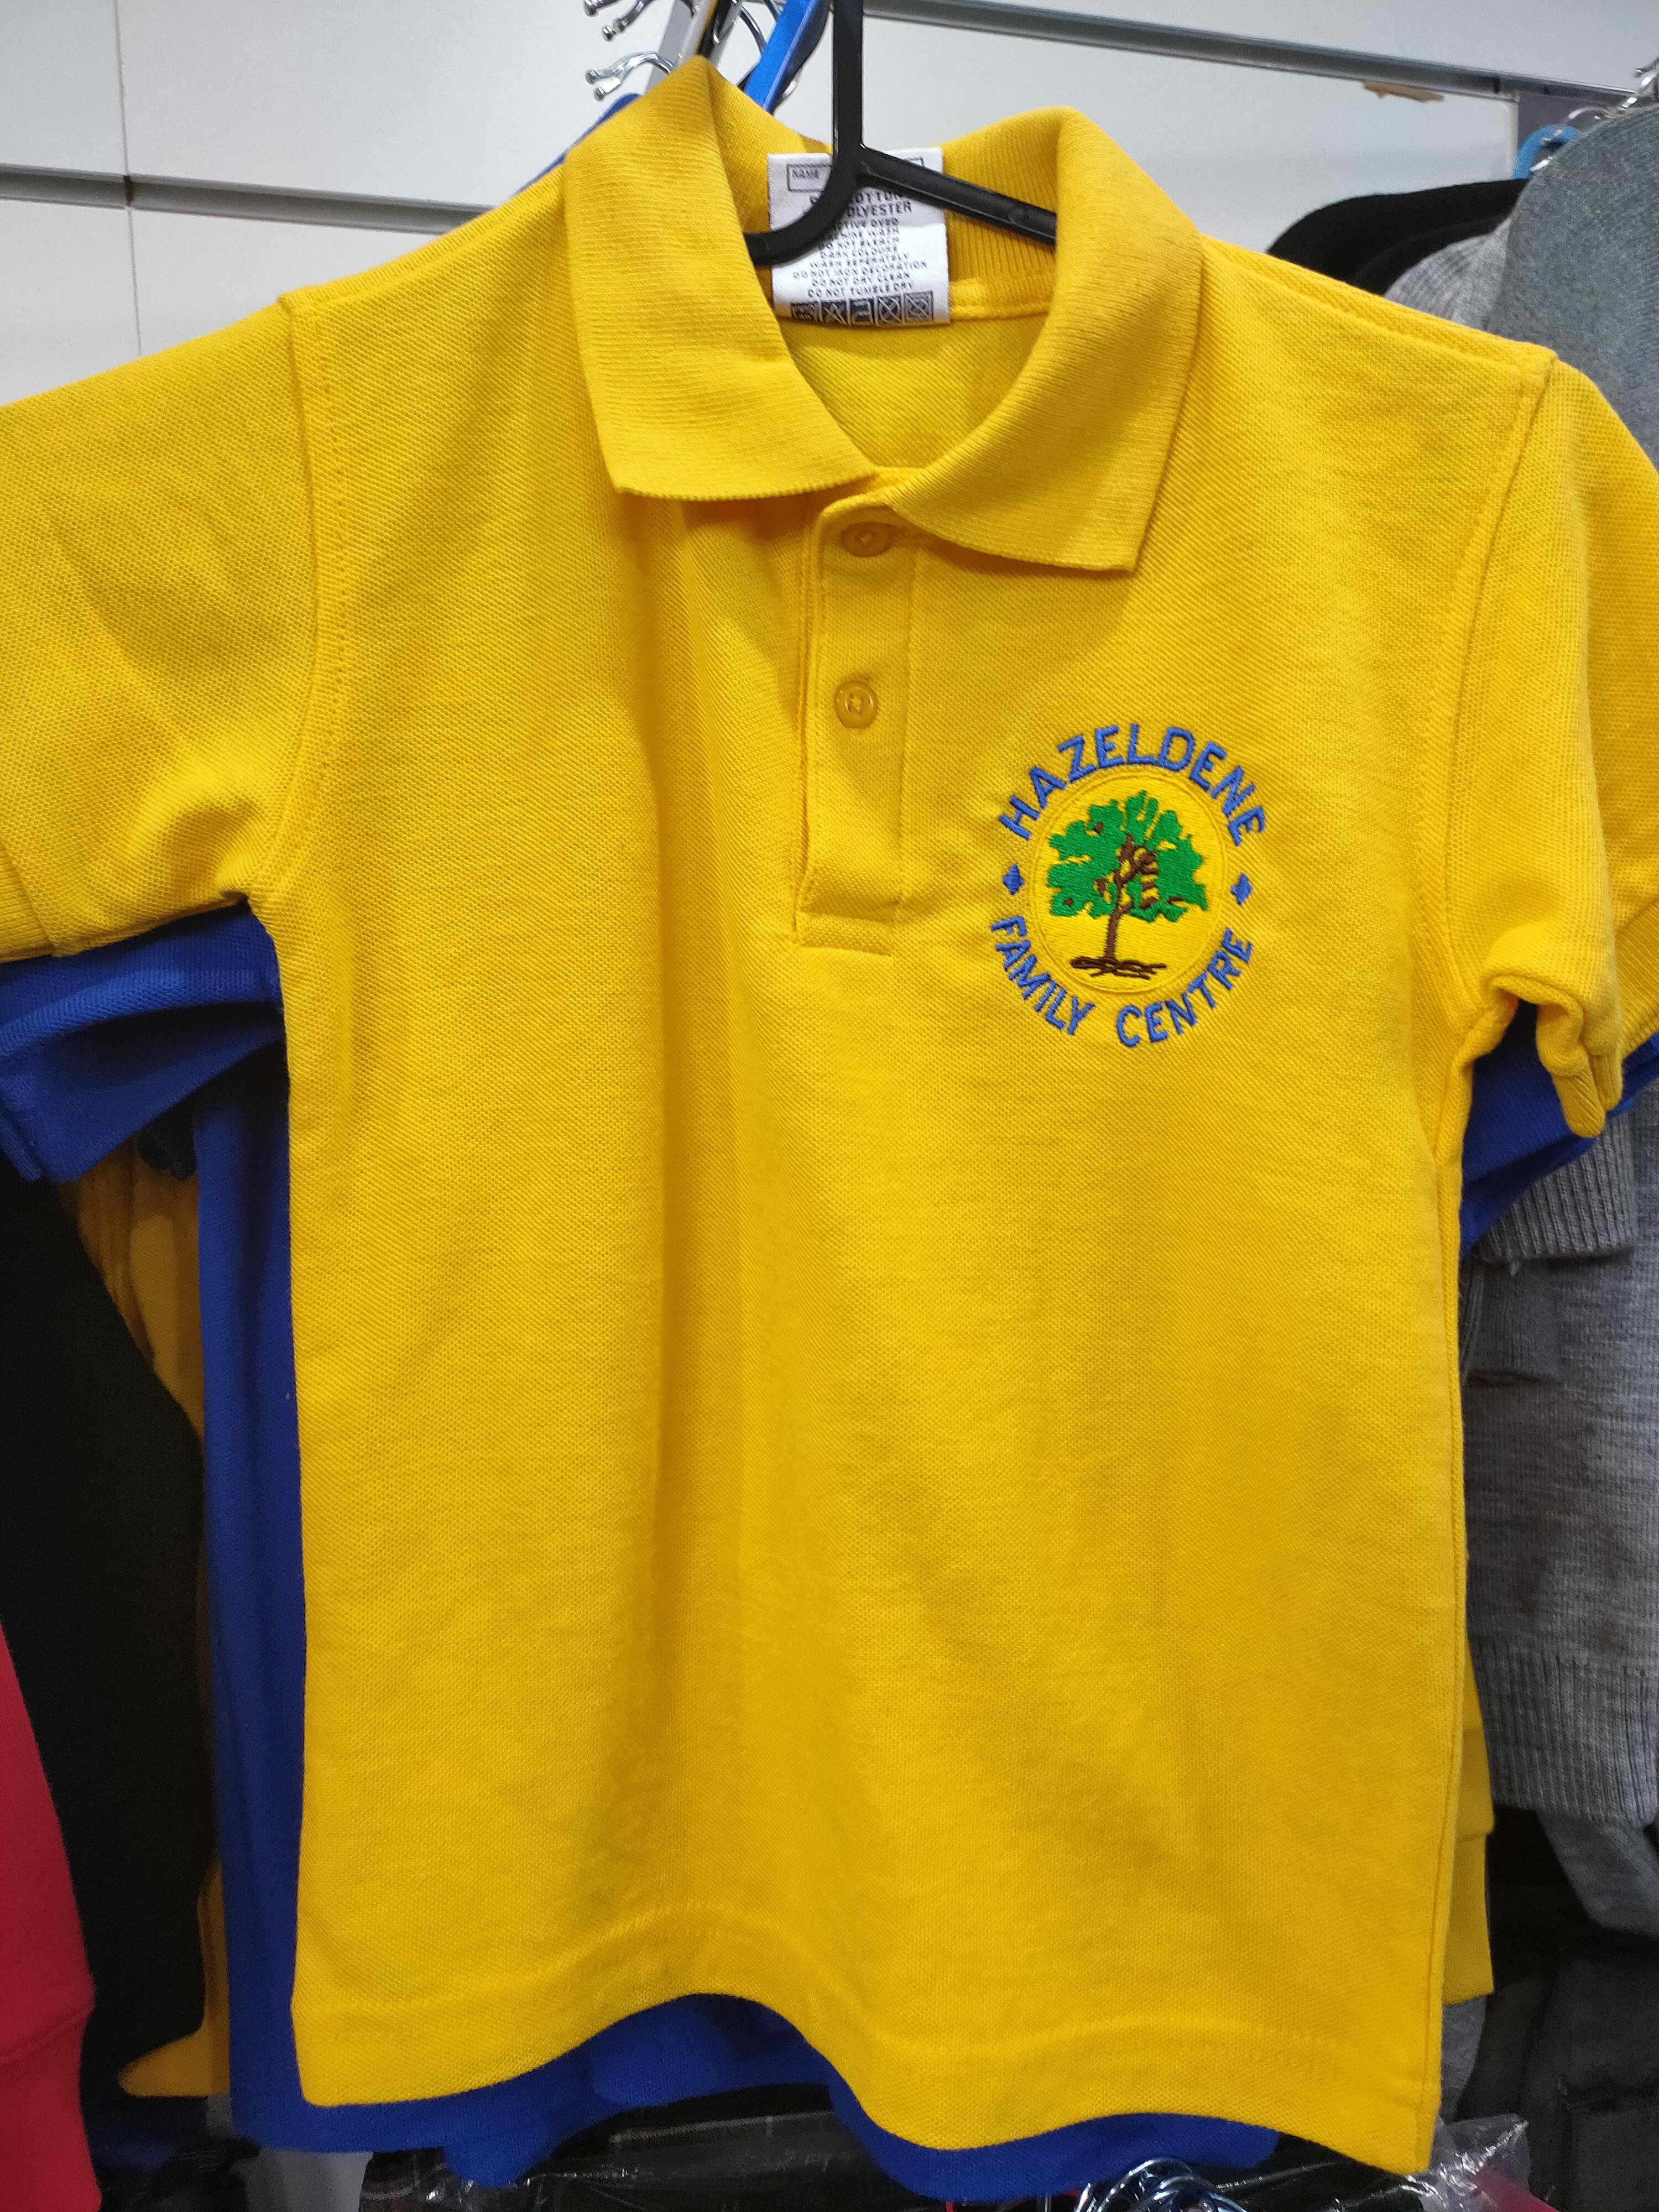 Hazeldene Family Centre Poloshirt (Gold)